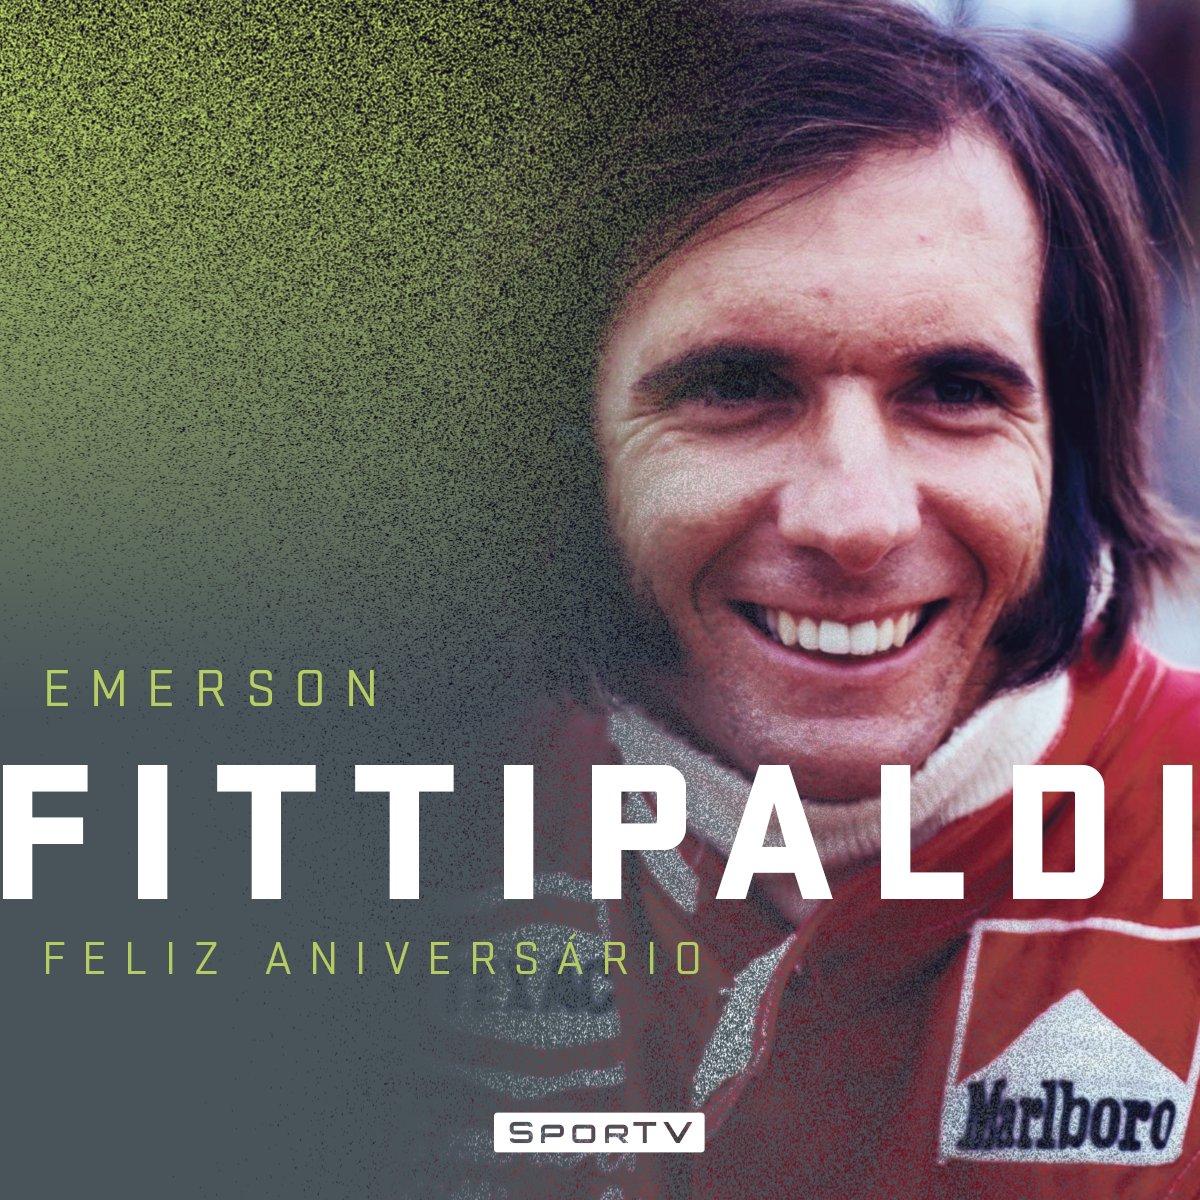 Hoje é aniversário de um dos pilotos mais vitoriosos do automobilismo nacional. Ele foi o primeiro brasileiro a se tornar campeão mundial de Fórmula 1! Parabéns #Fittipaldi71  Curta a #F1noSporTV!